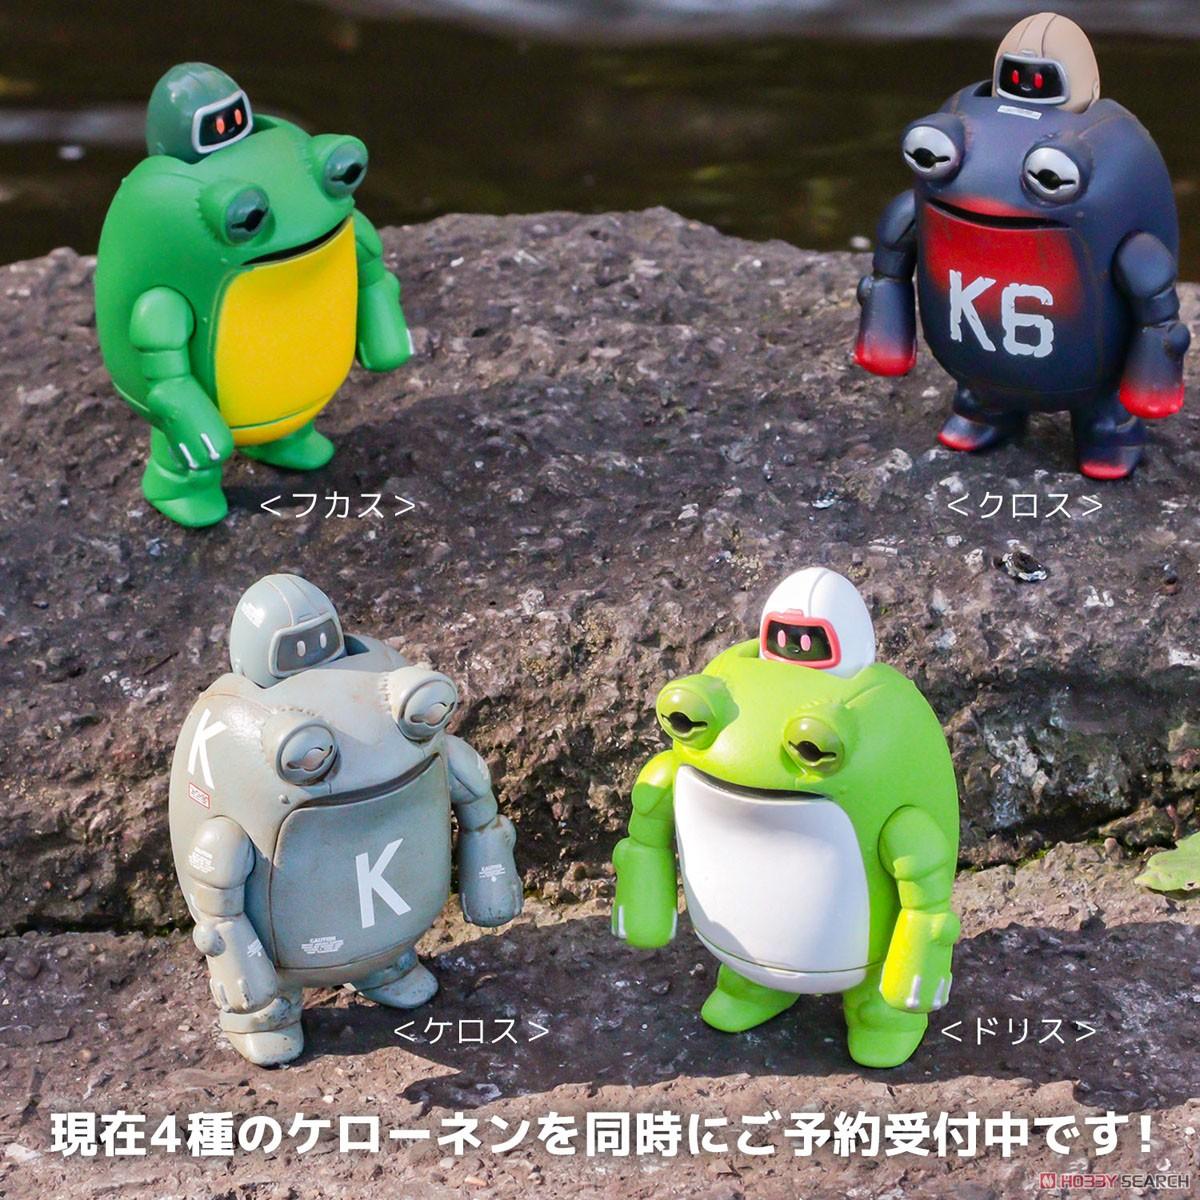 ケローネン『ケロス』ソフビフィギュア-008